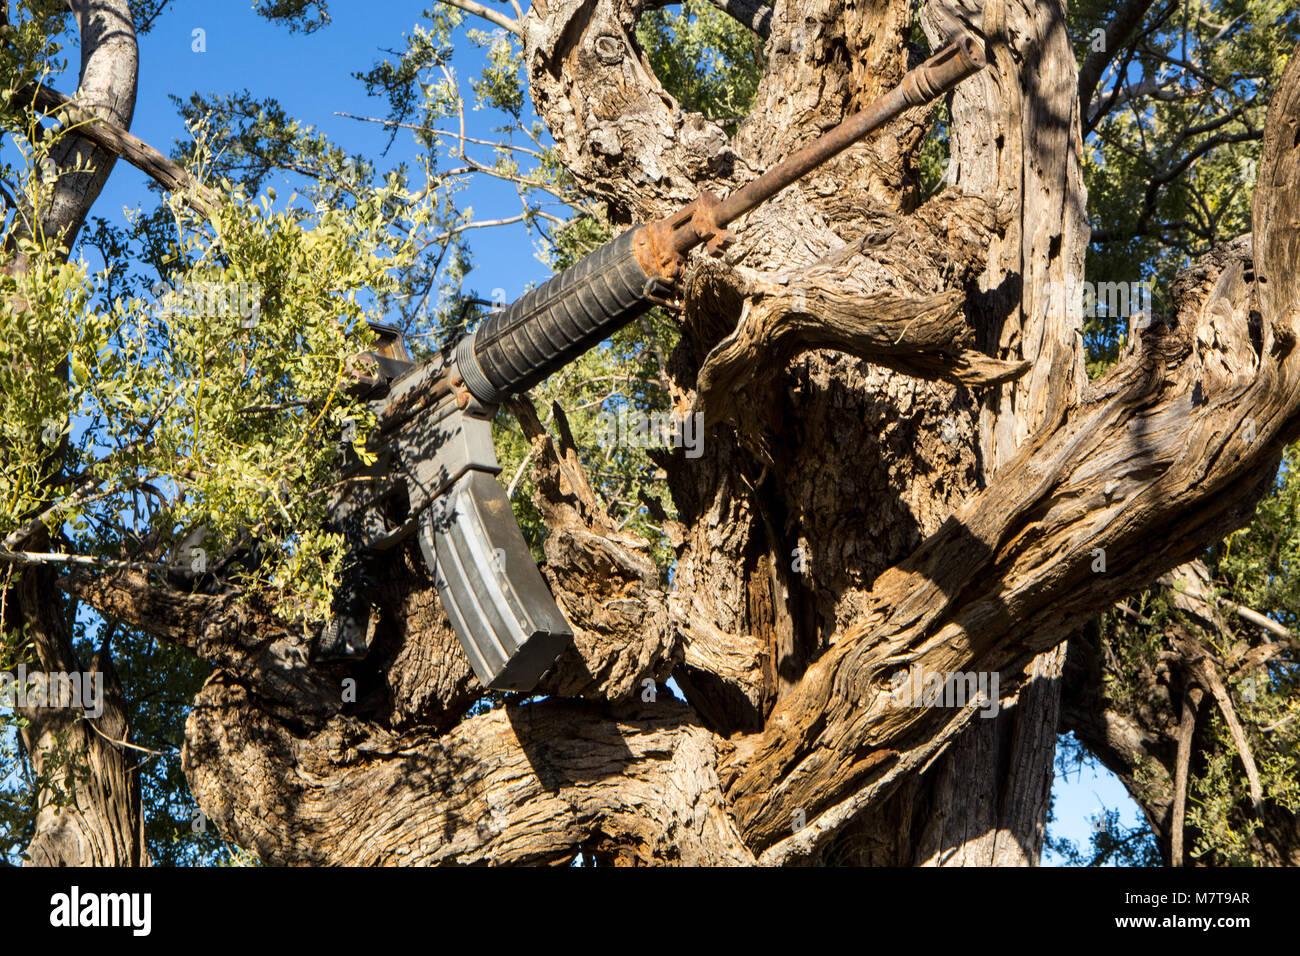 Smuggler's gun from the desert Stock Photo